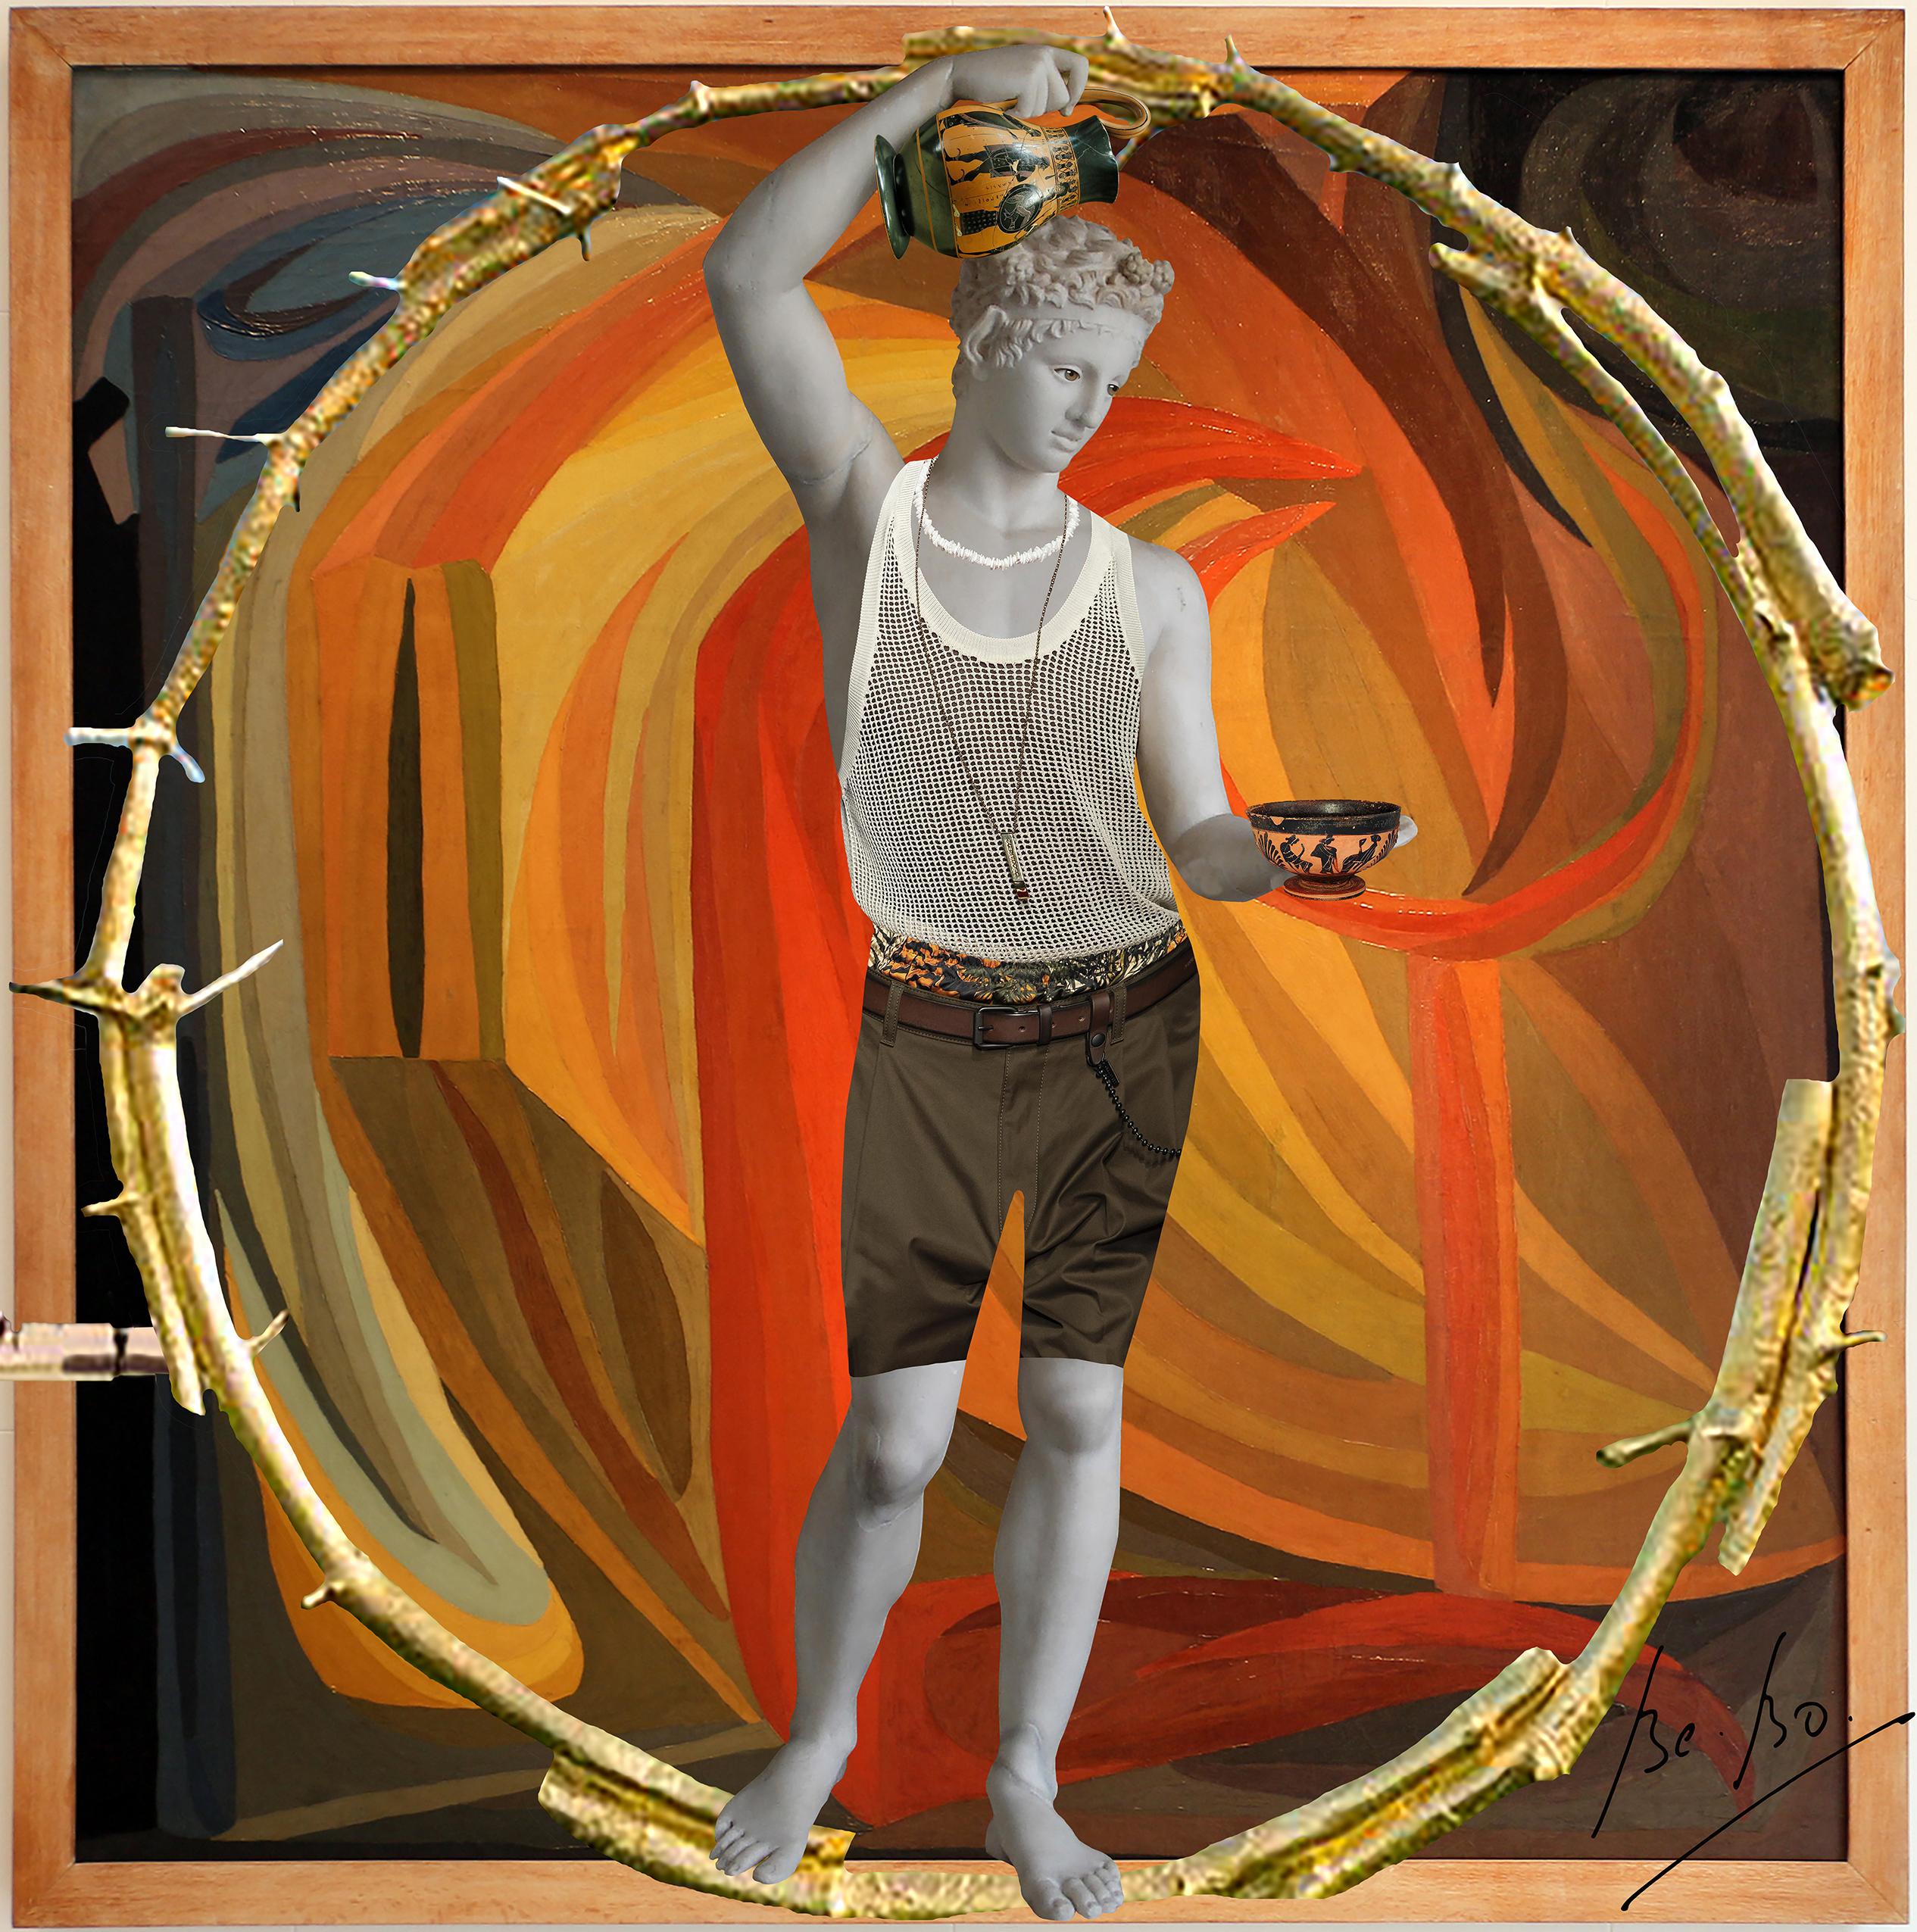 Satyre verseur avec toile d'Otto Freundlich accompagné de l'oeuvre d'Ugo Rondinone